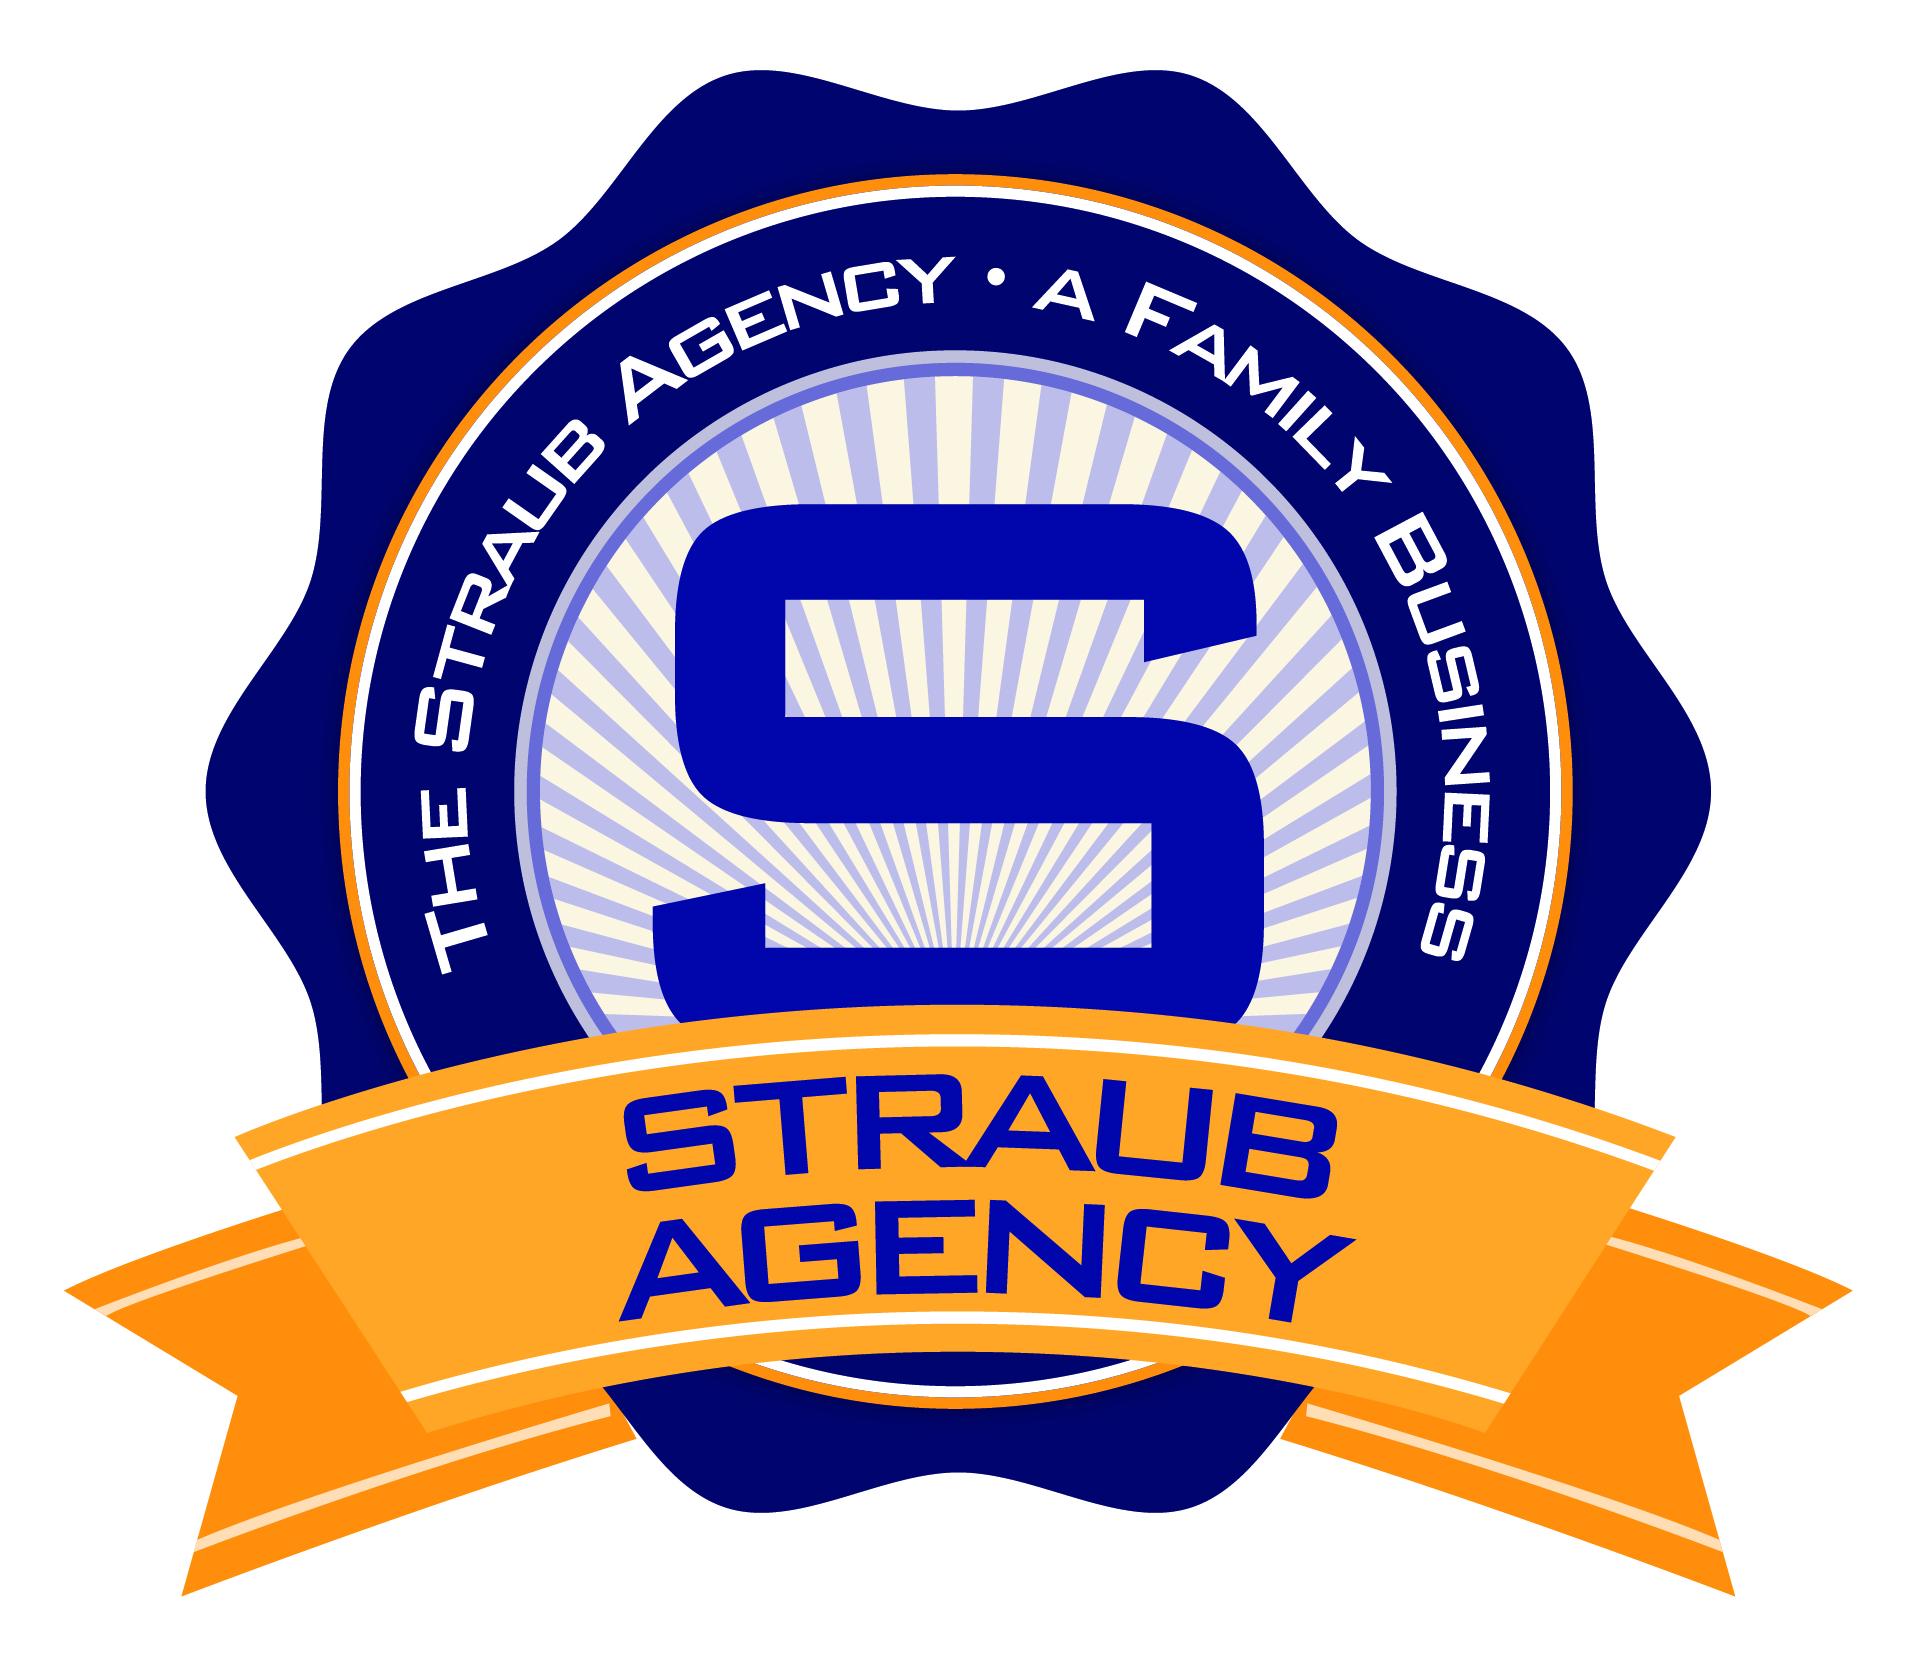 straub_agency_logo_hr